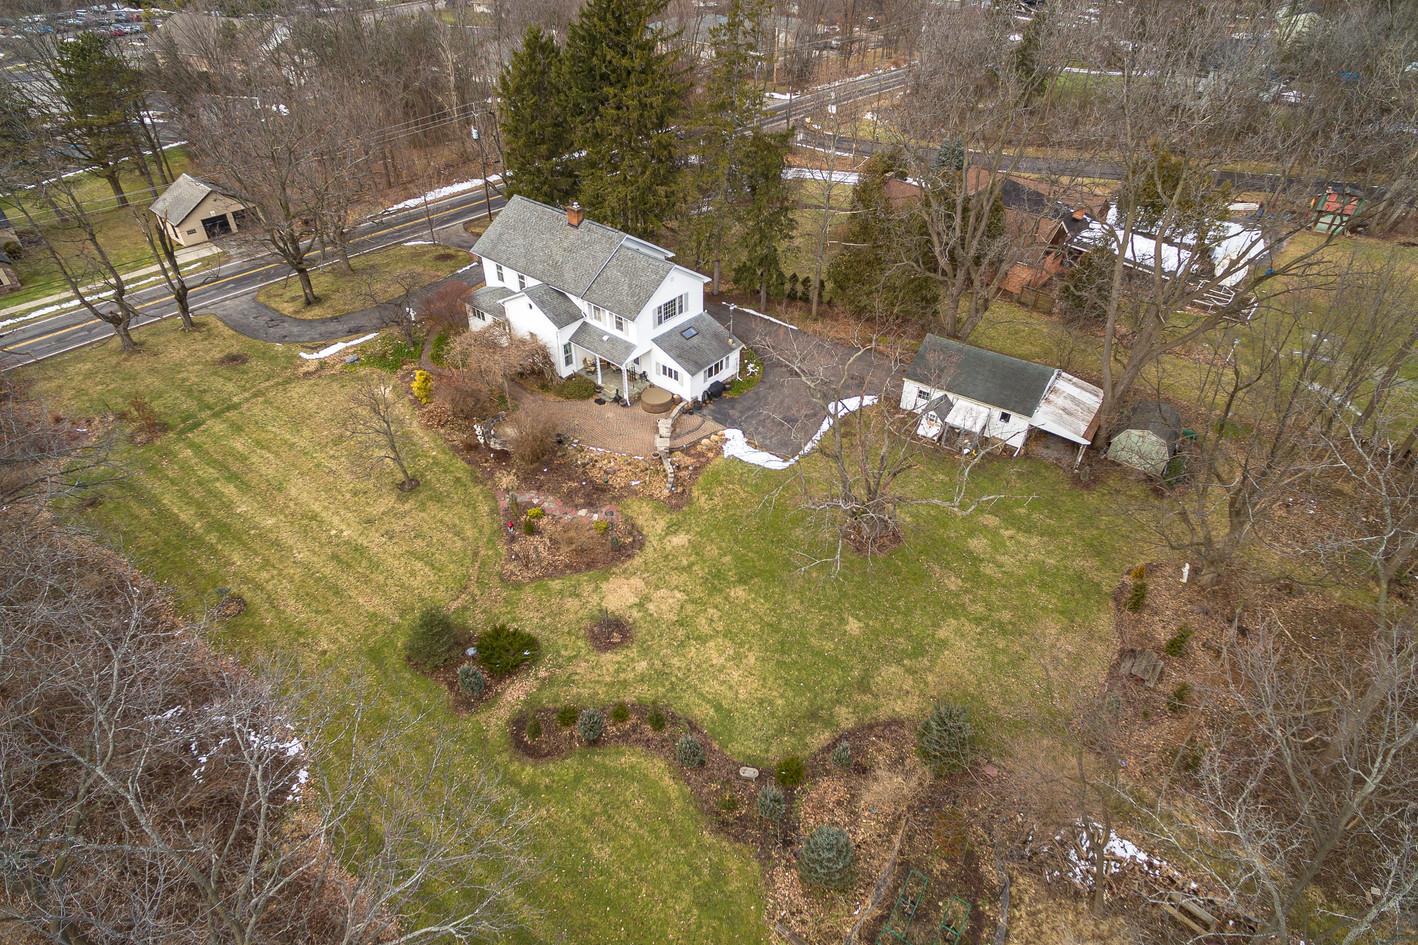 Drone Lower Side Back.jpg